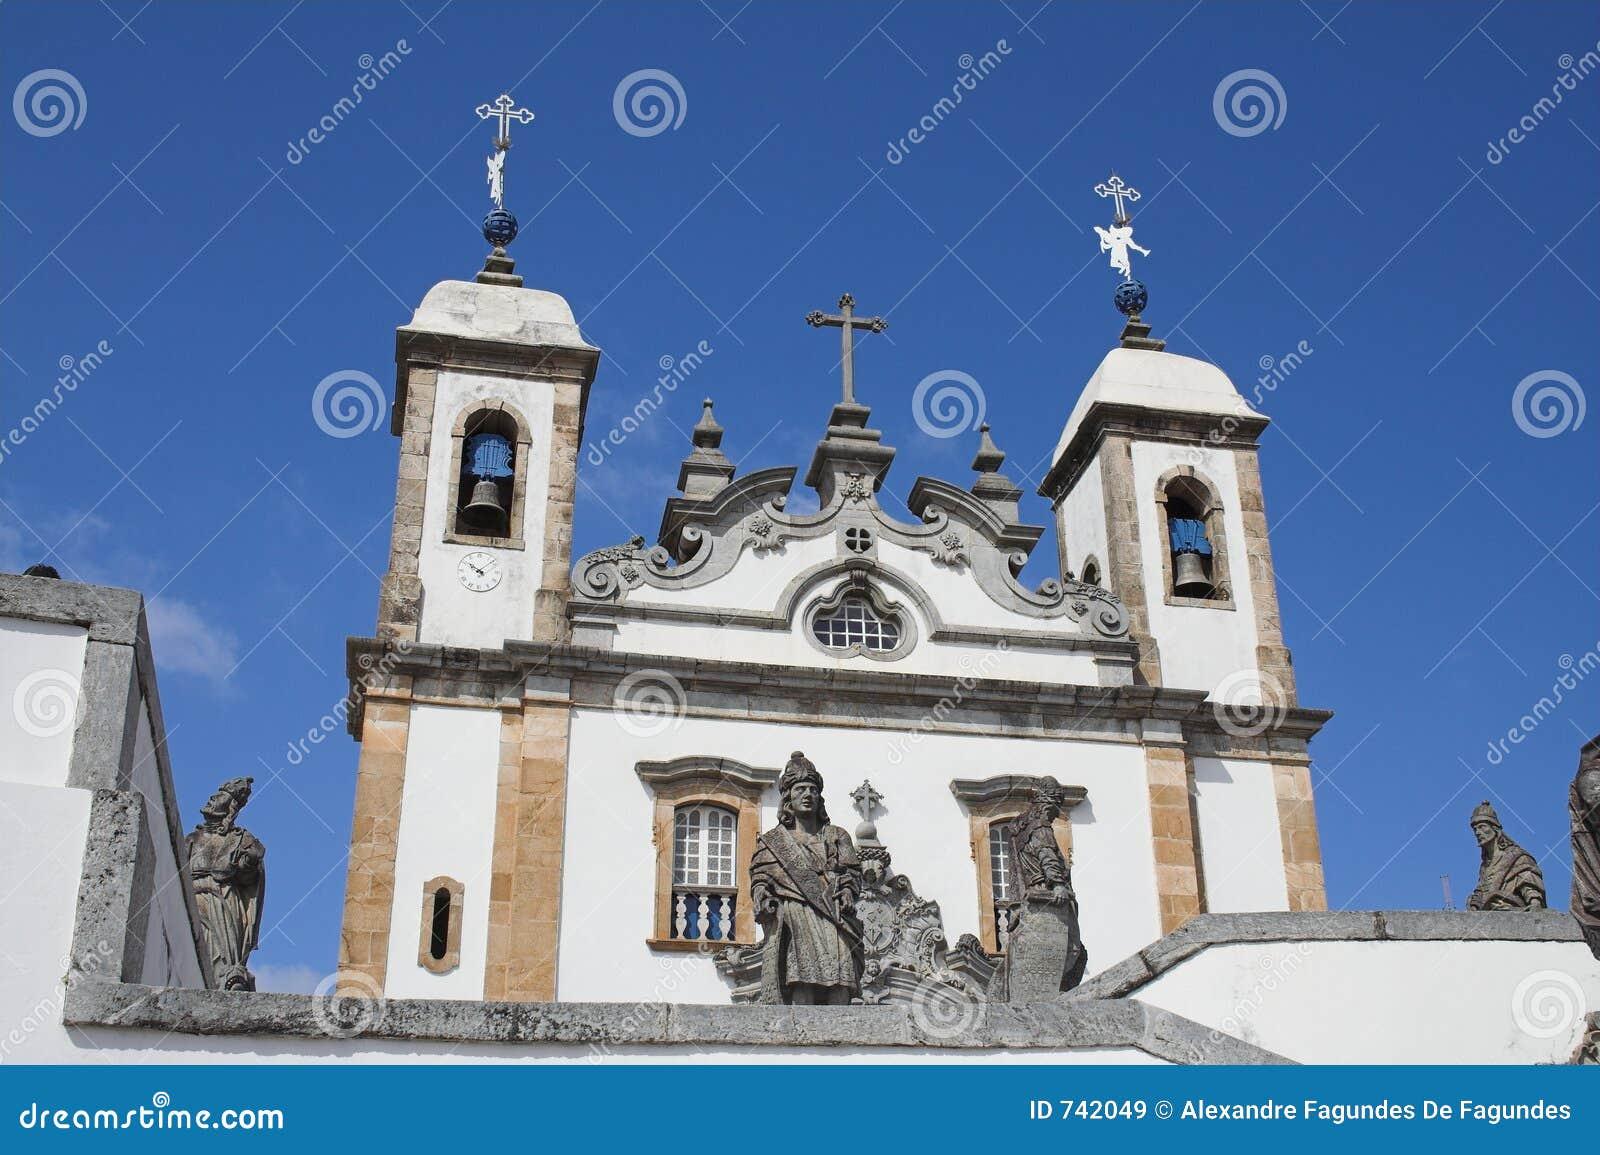 La basilique font Senhor Bom Jésus de Matosinhos